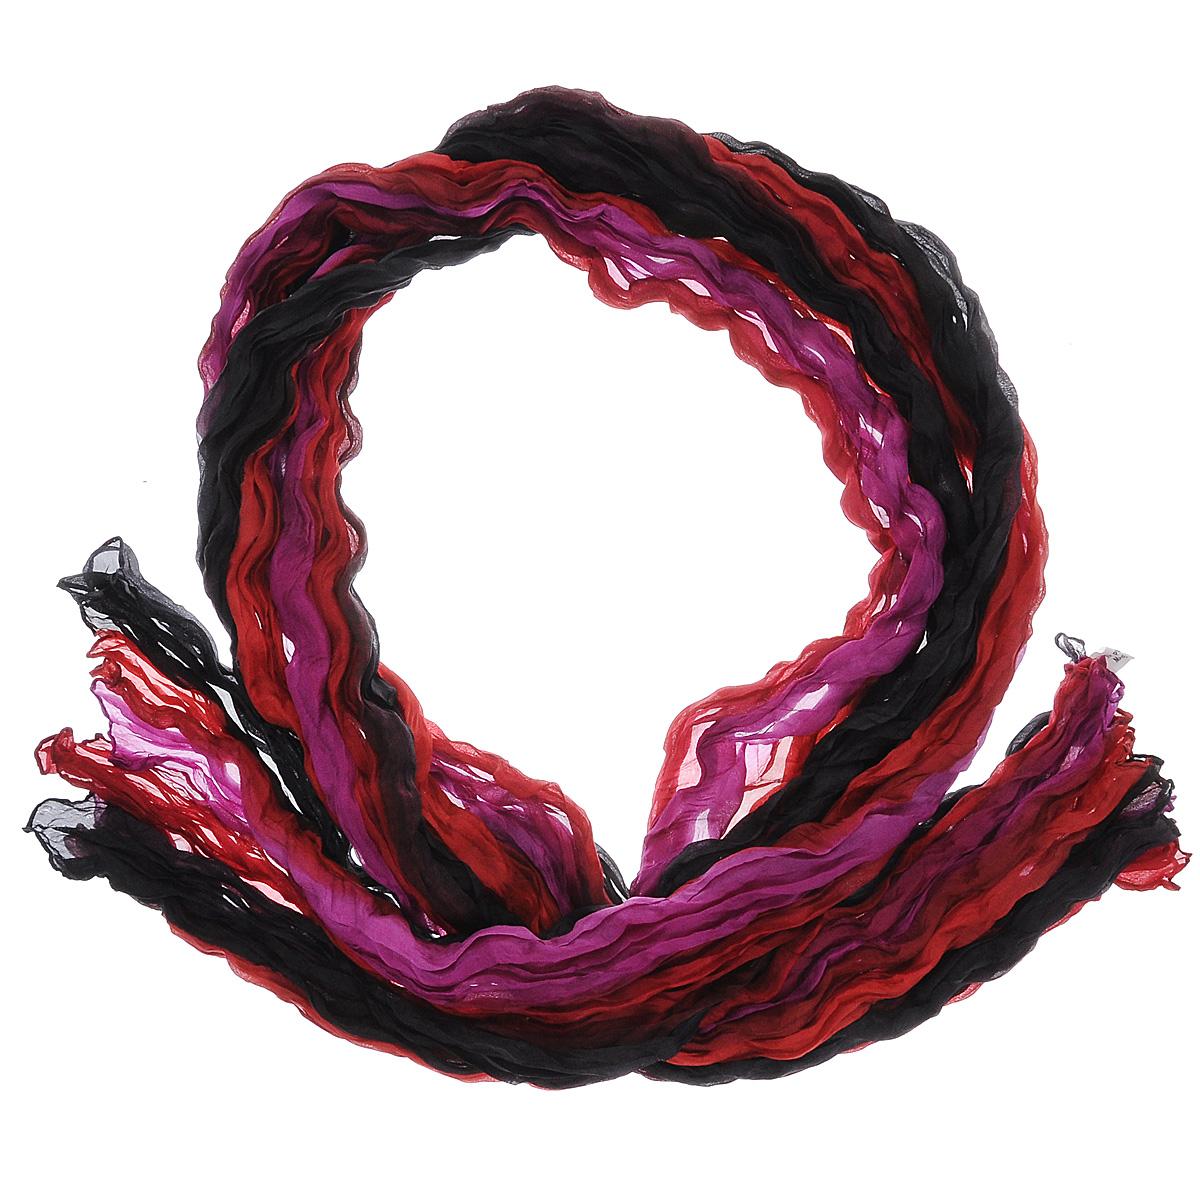 Шарф женский Ethnica, цвет: красный, черный, цикламен. 415260н. Размер 100 см х 170 см415260нЭлегантный шарф Ethnica станет изысканным нарядным аксессуаром, который призван подчеркнуть индивидуальность и очарование женщины. Шарф жатой фактуры выполнен из 100% шелка и оформлен цветными полосками. Этот модный аксессуар женского гардероба гармонично дополнит образ современной женщины, следящей за своим имиджем и стремящейся всегда оставаться стильной и элегантной. В этом шарфе вы всегда будете выглядеть женственной и привлекательной.